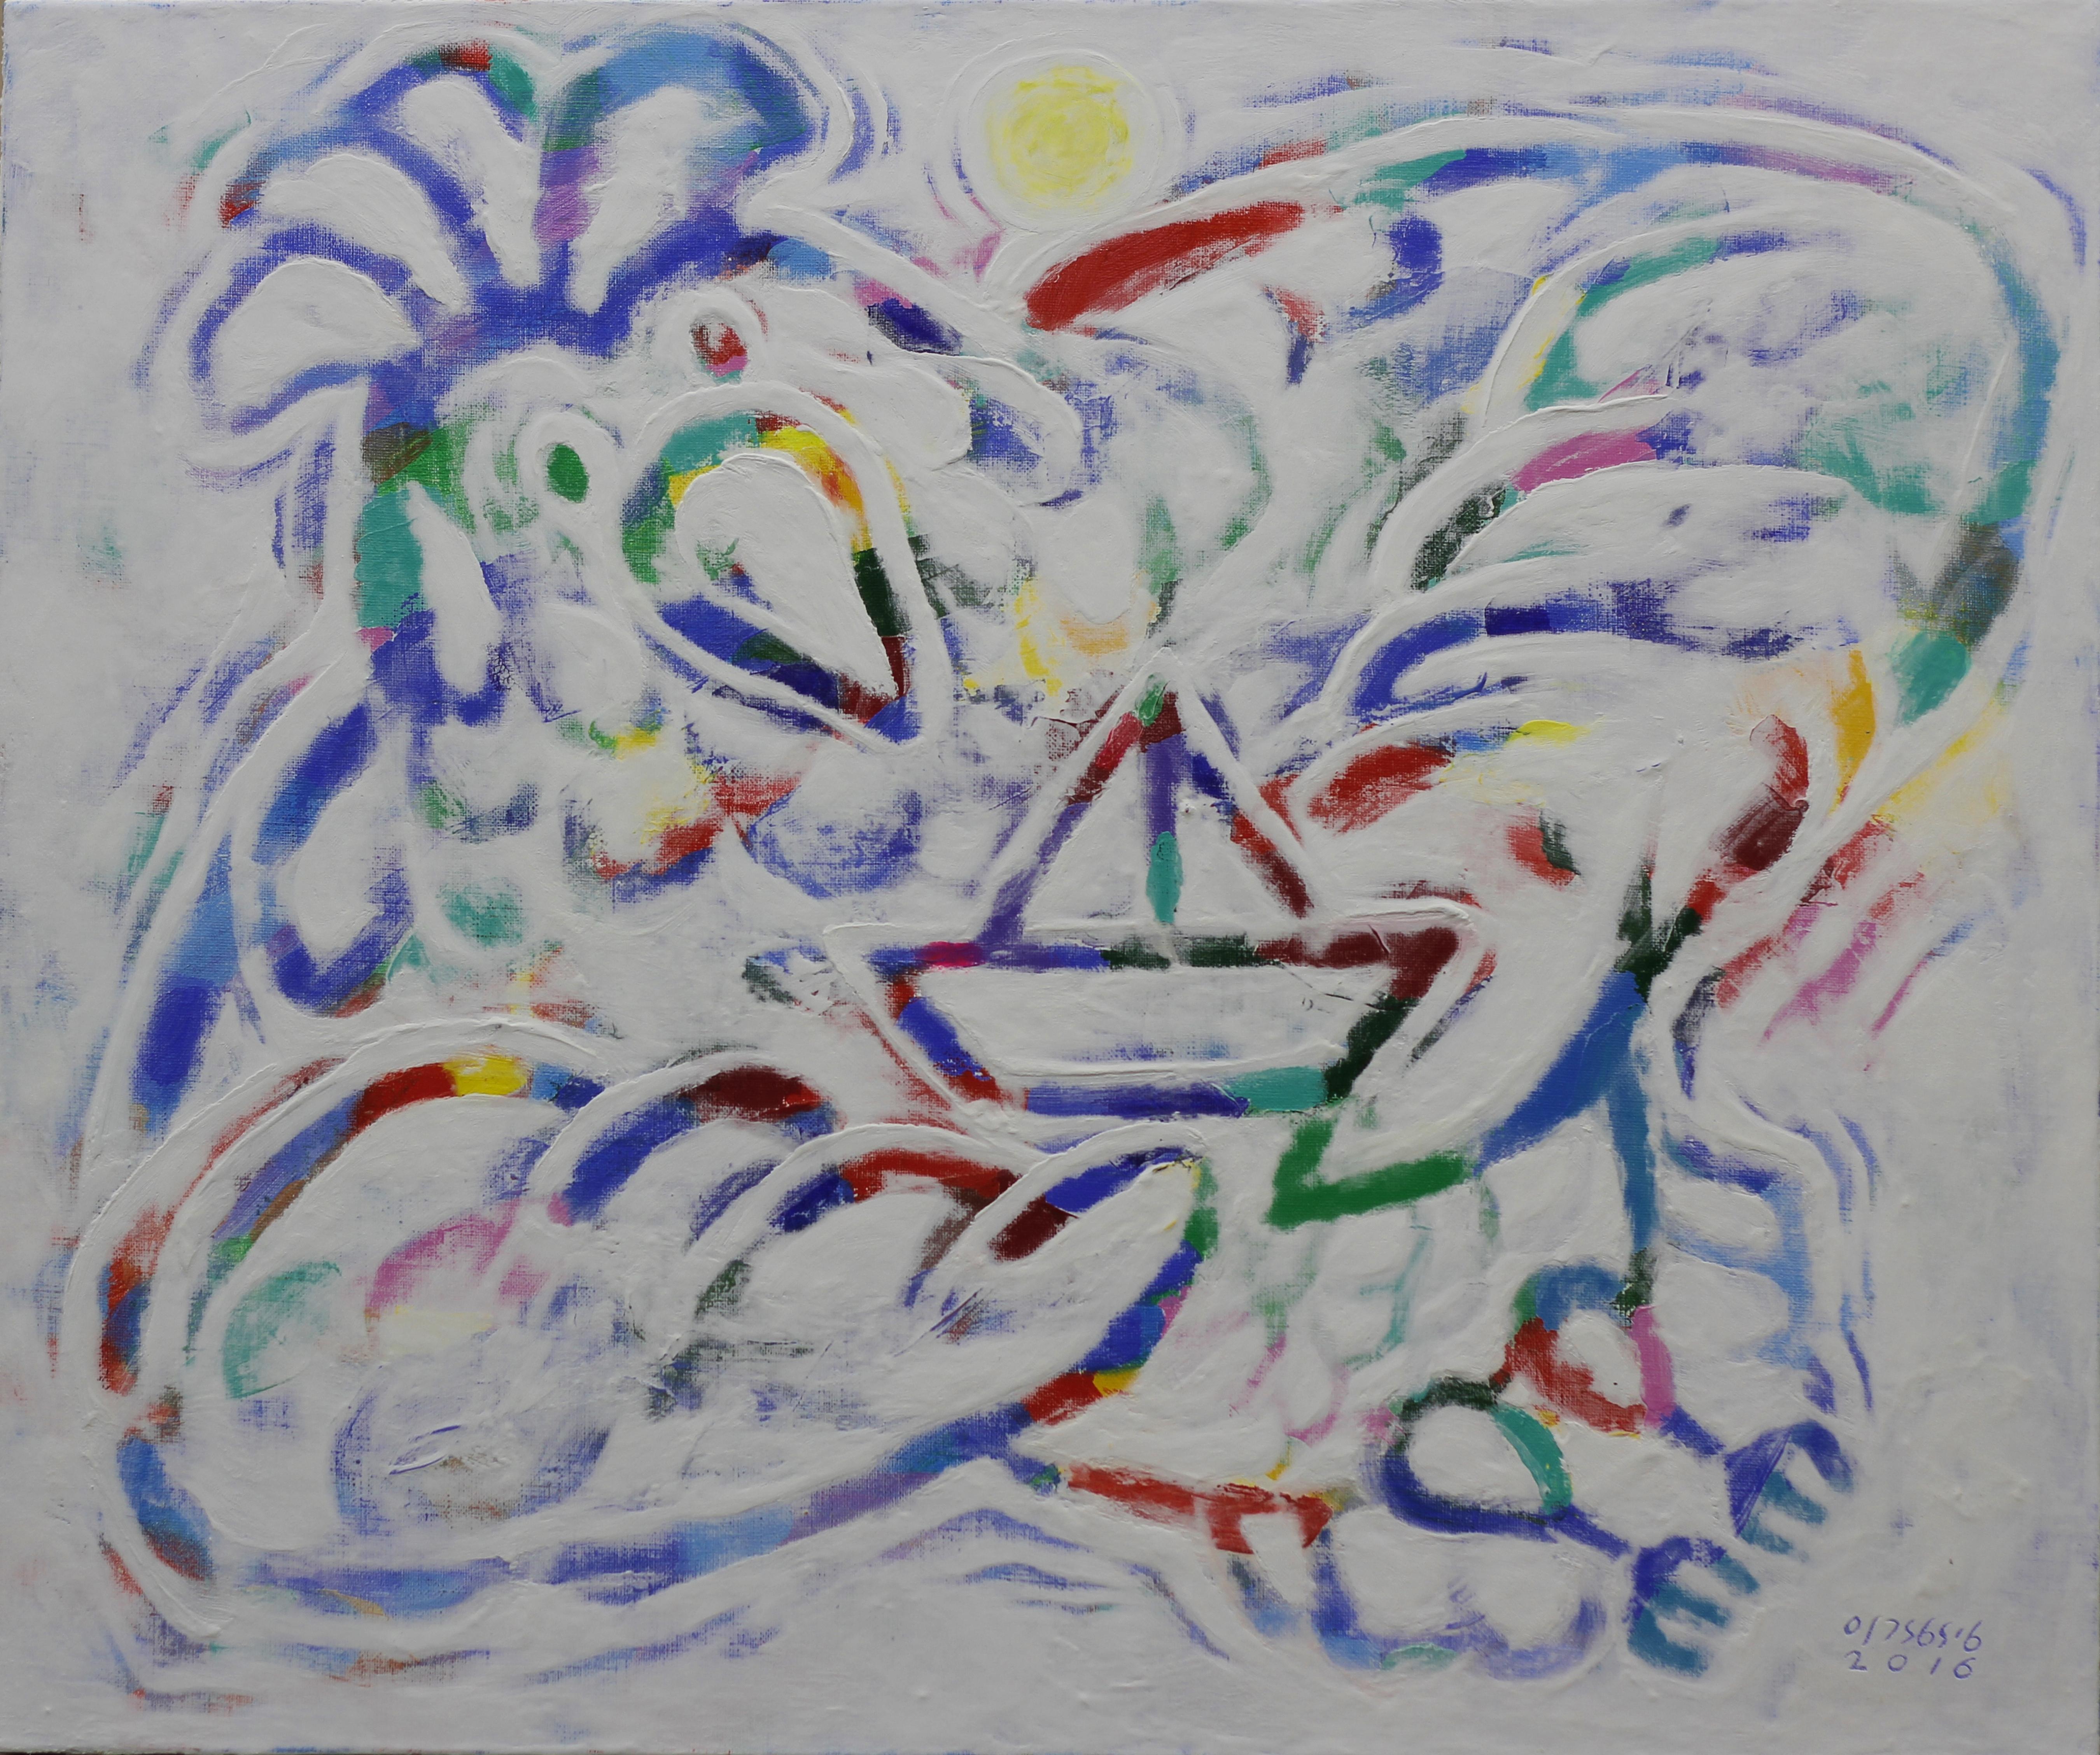 이경성, thorn tree-with you, 73x61cm, 캔버스 위에 소멸침식기법, 2016